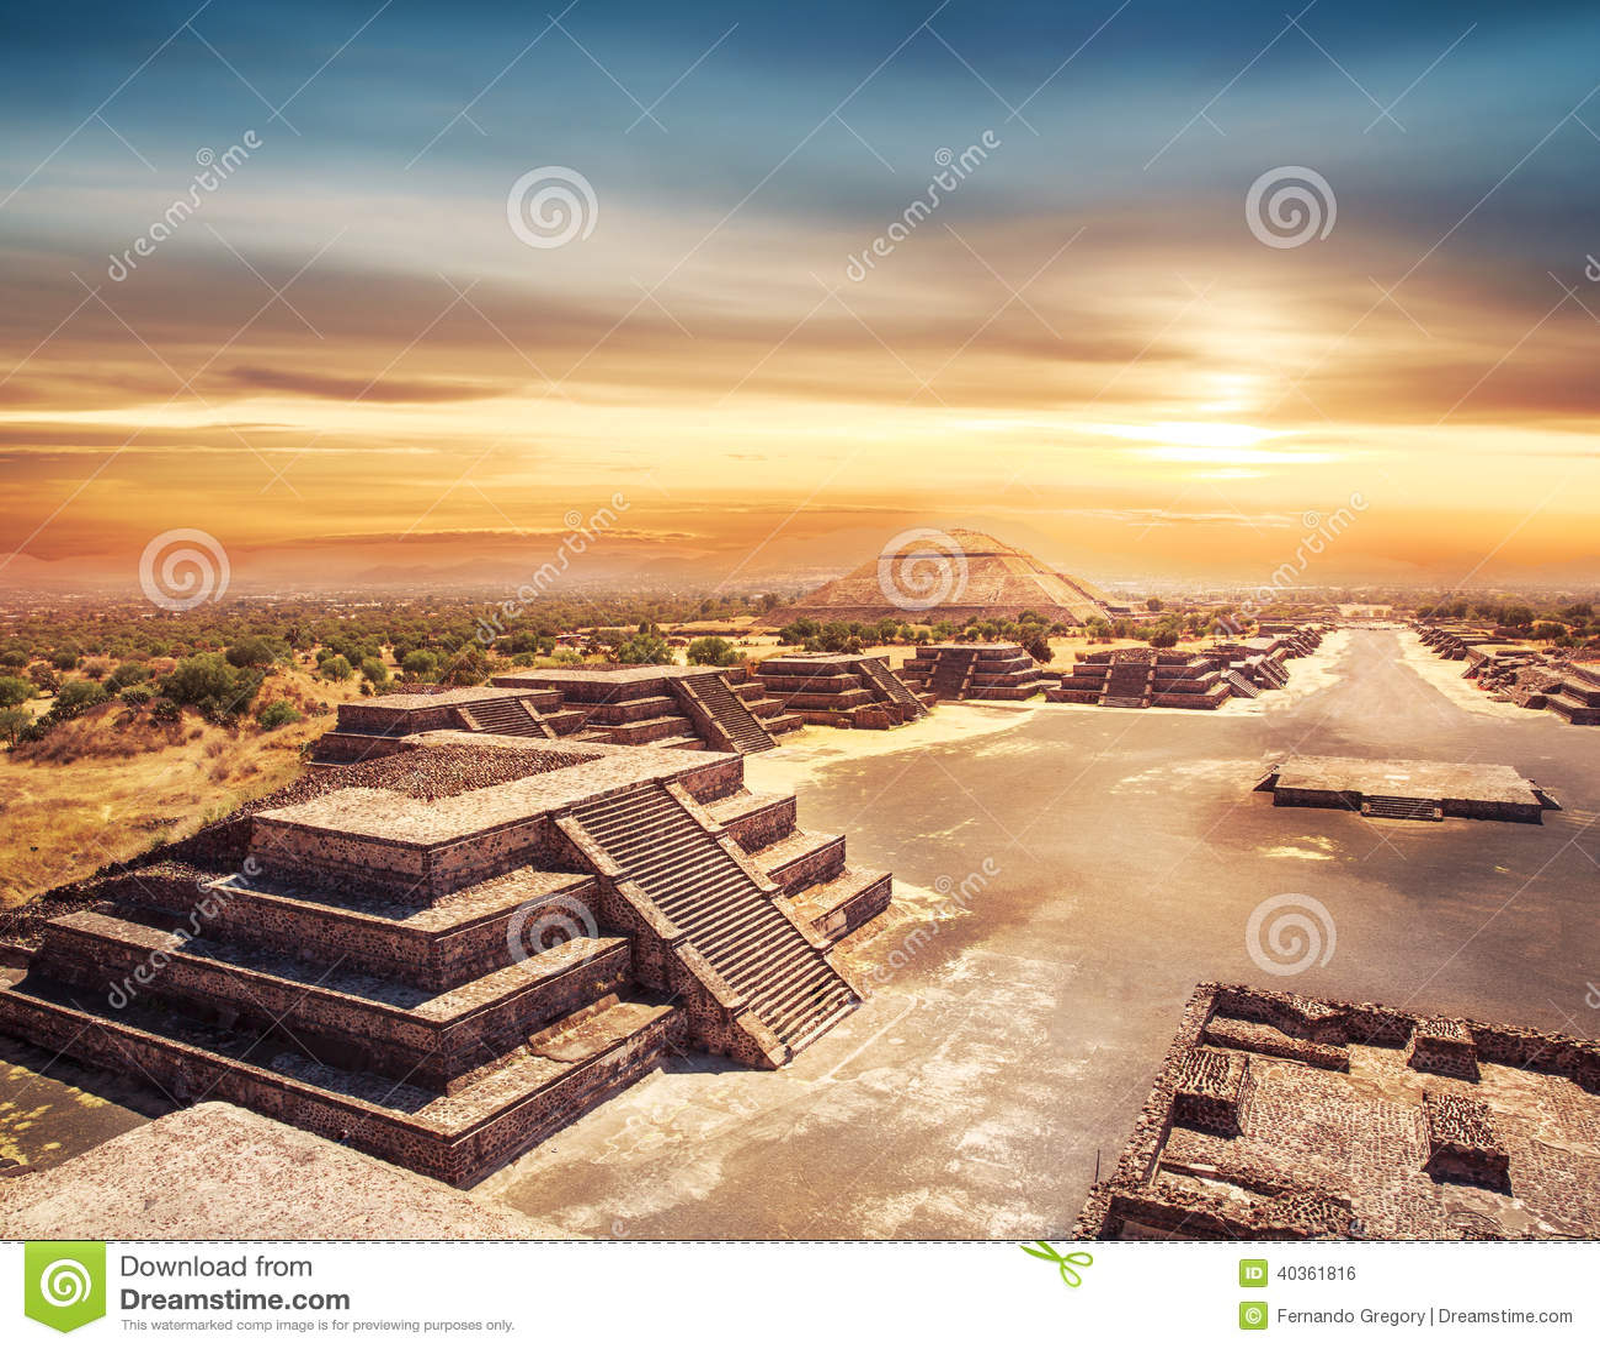 teotihuacan le mexique pyramide du soleil et l 39 avenue du. Black Bedroom Furniture Sets. Home Design Ideas